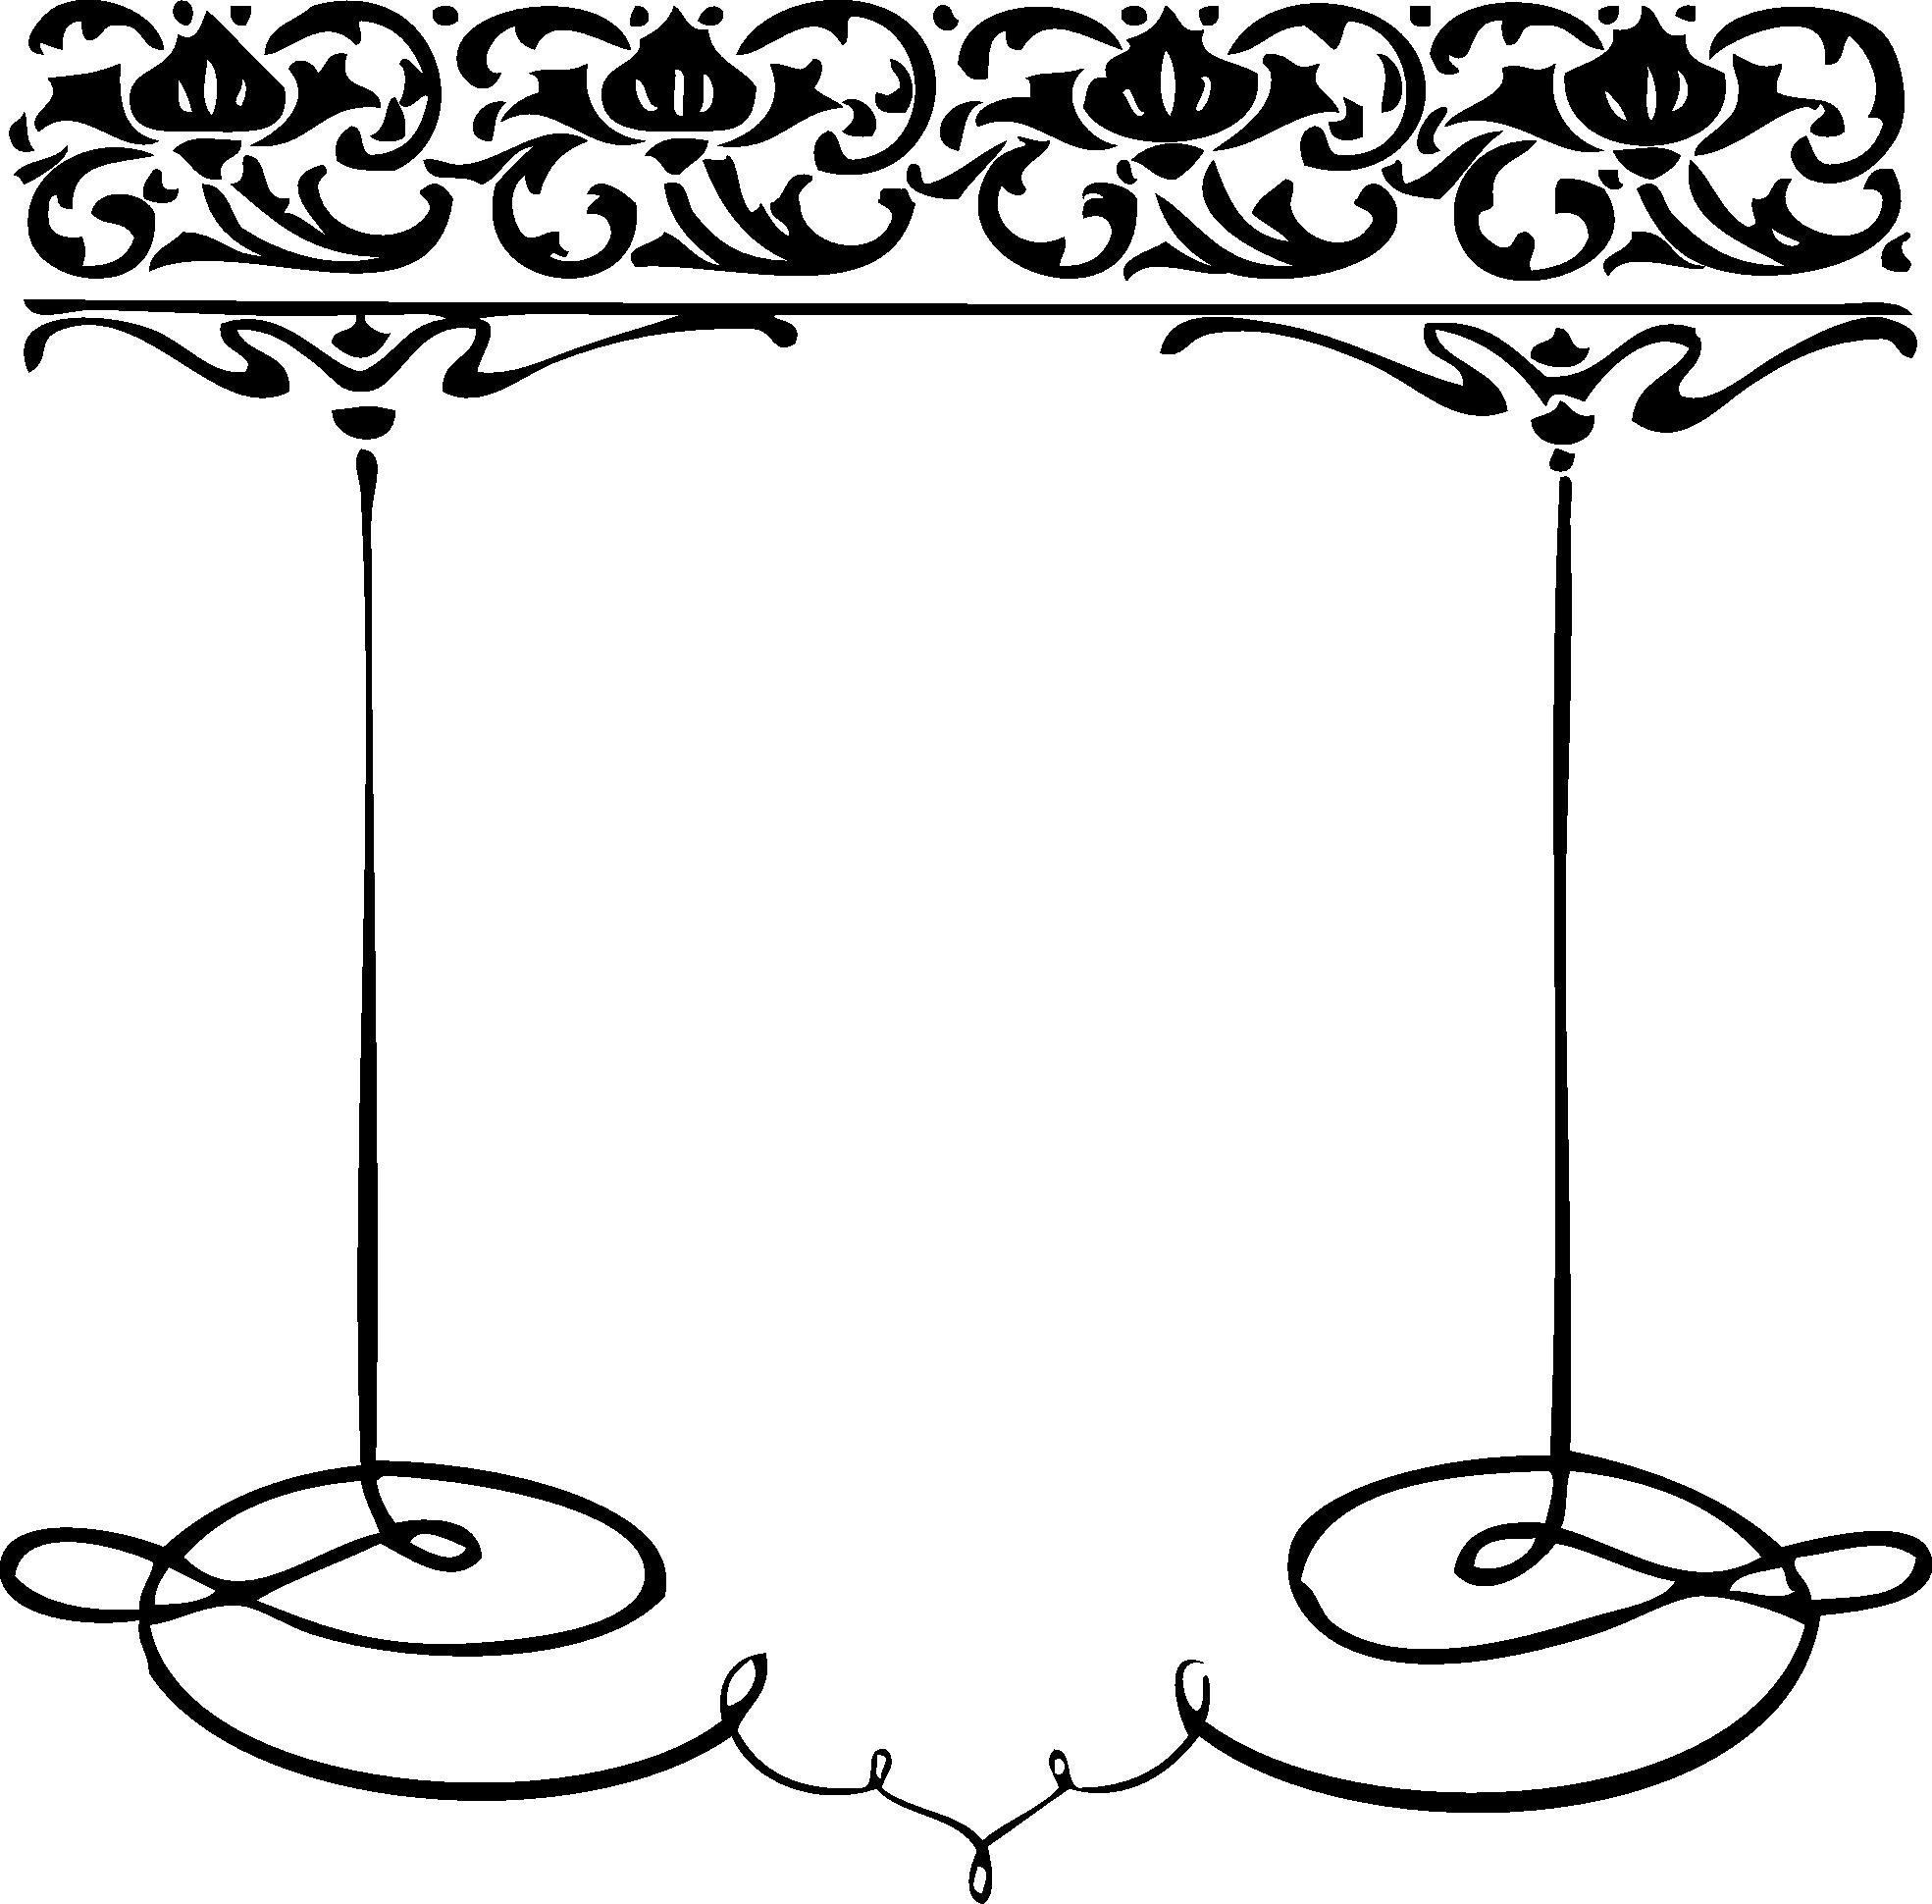 1969x1940 Black And White Decorative Clip Art